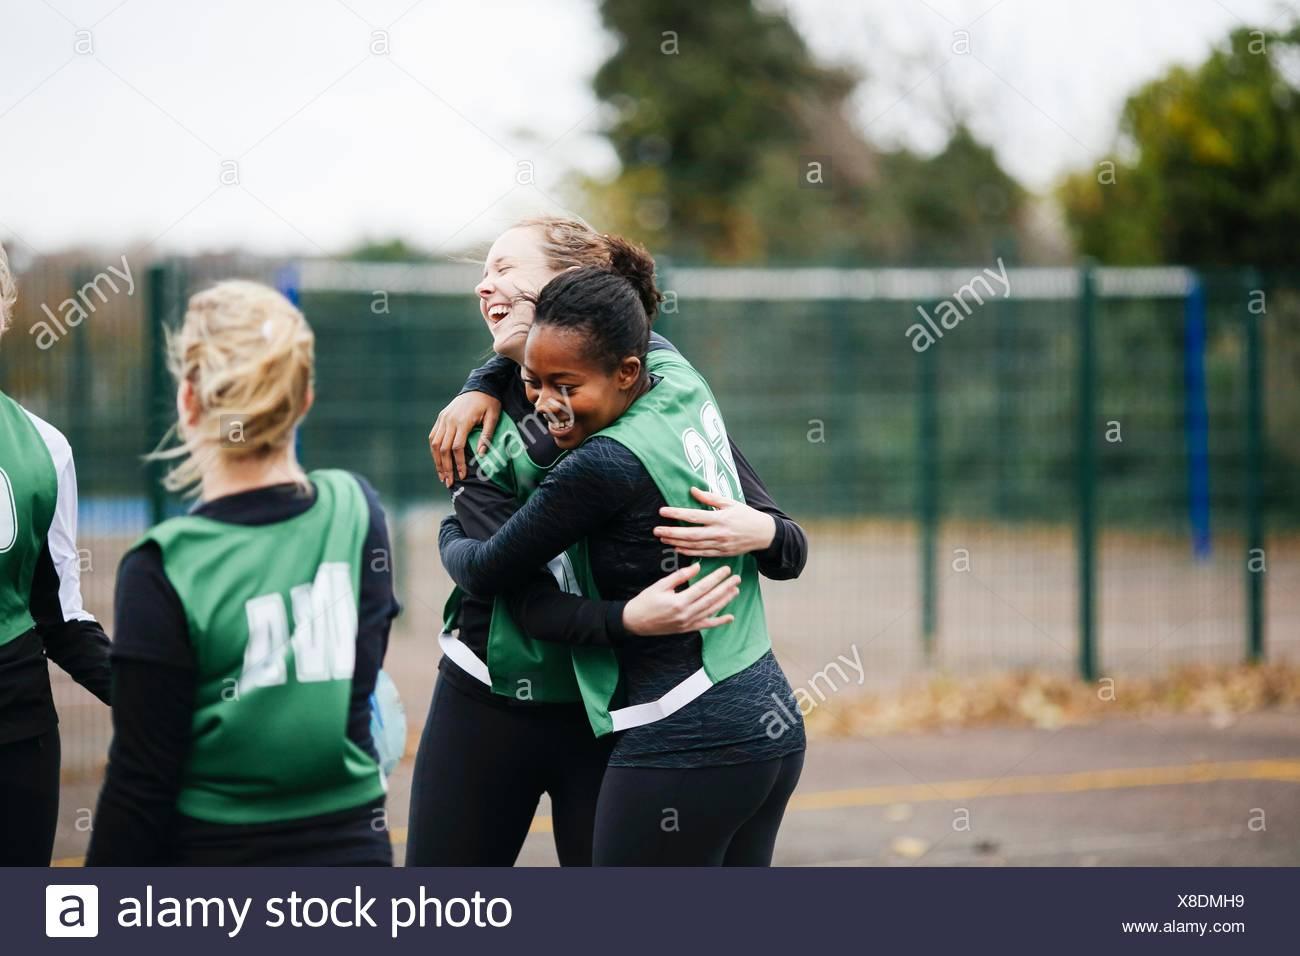 Happy female netball team celebrating win on netball court - Stock Image